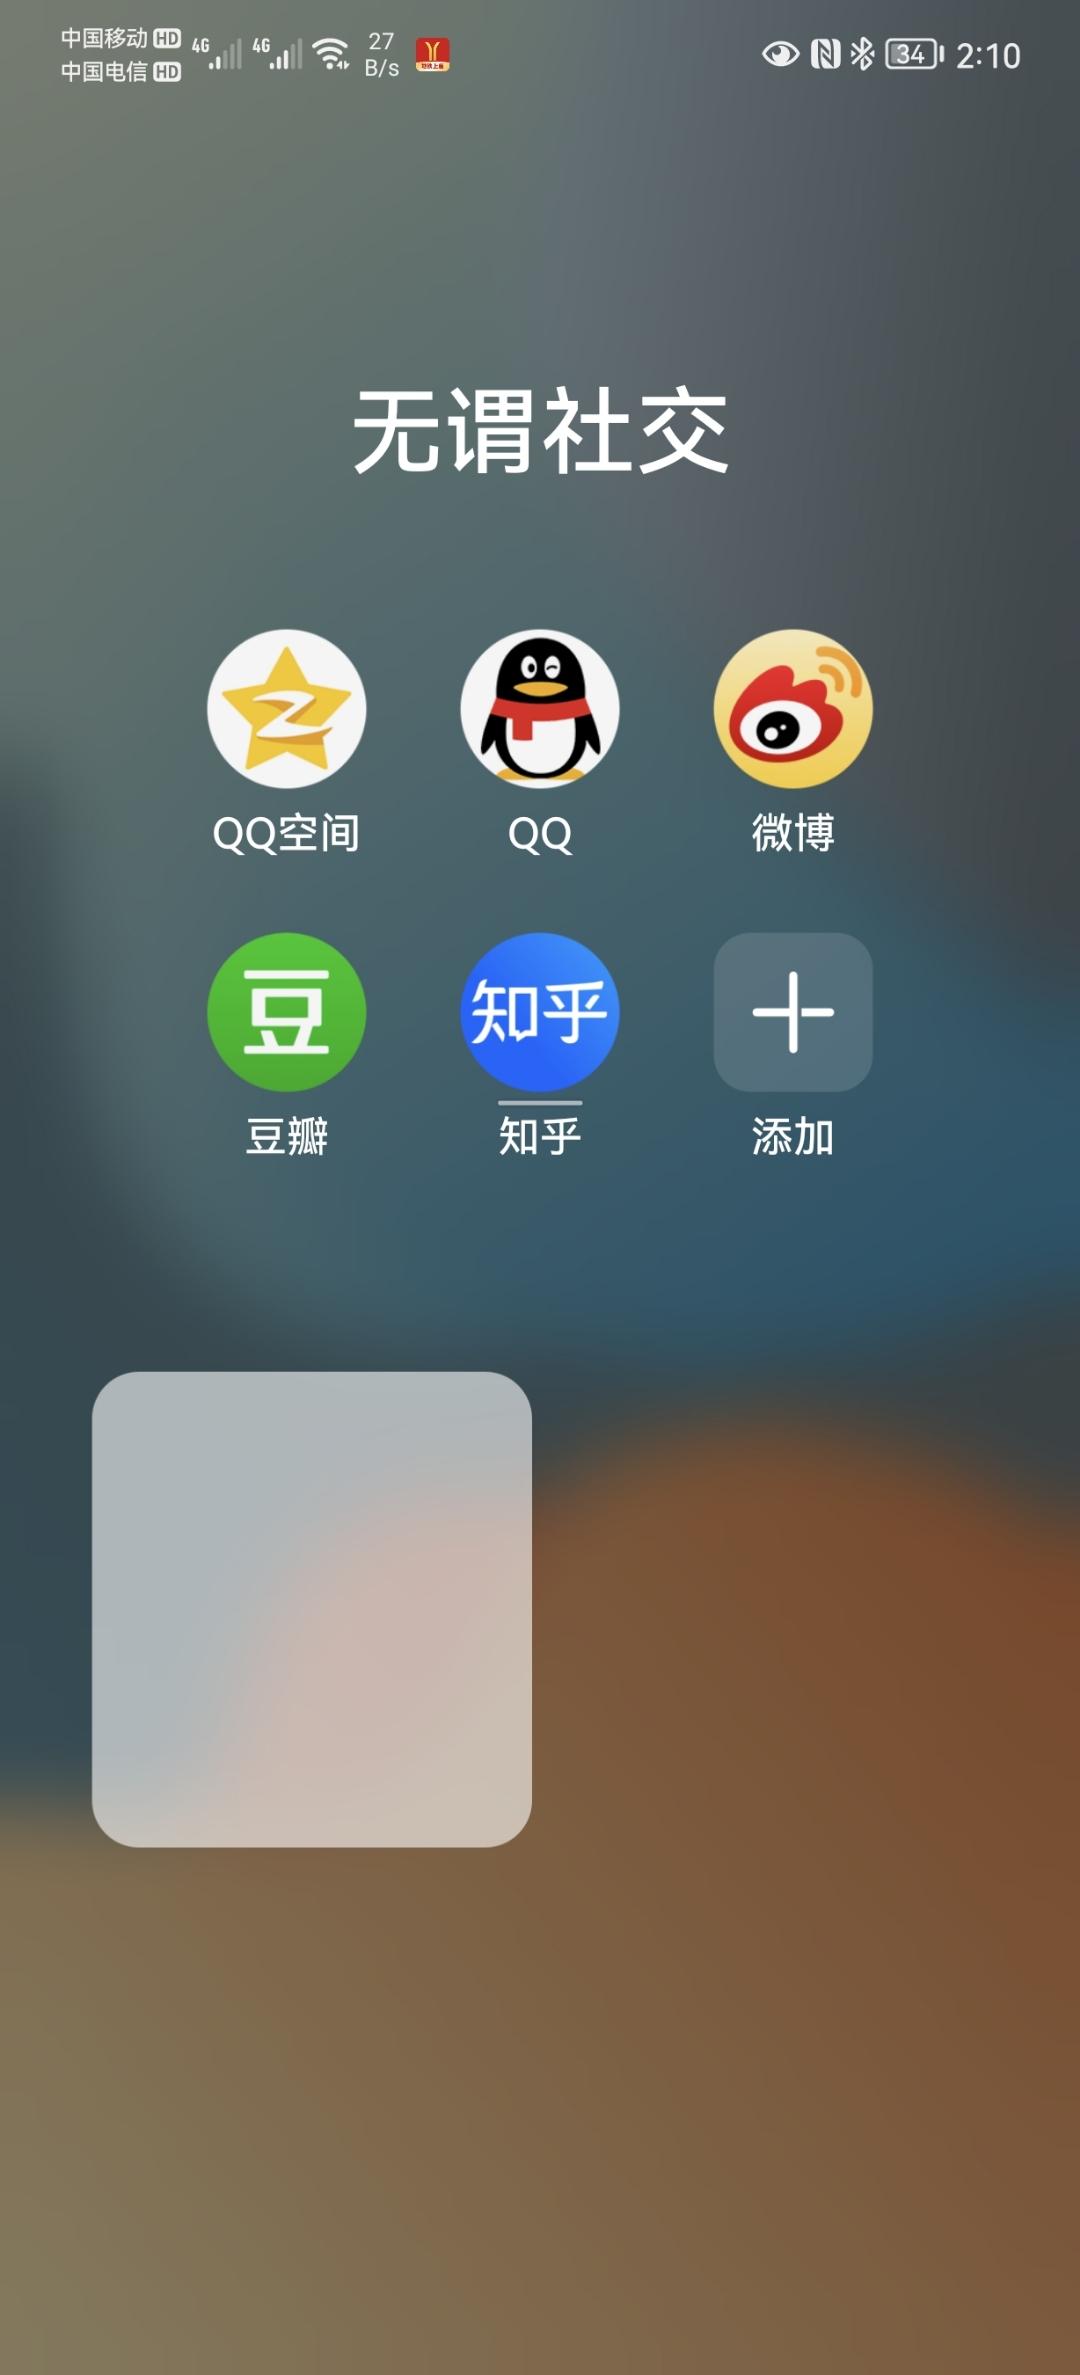 Screenshot_20211015_021011_com.huawei.android.launcher.jpg